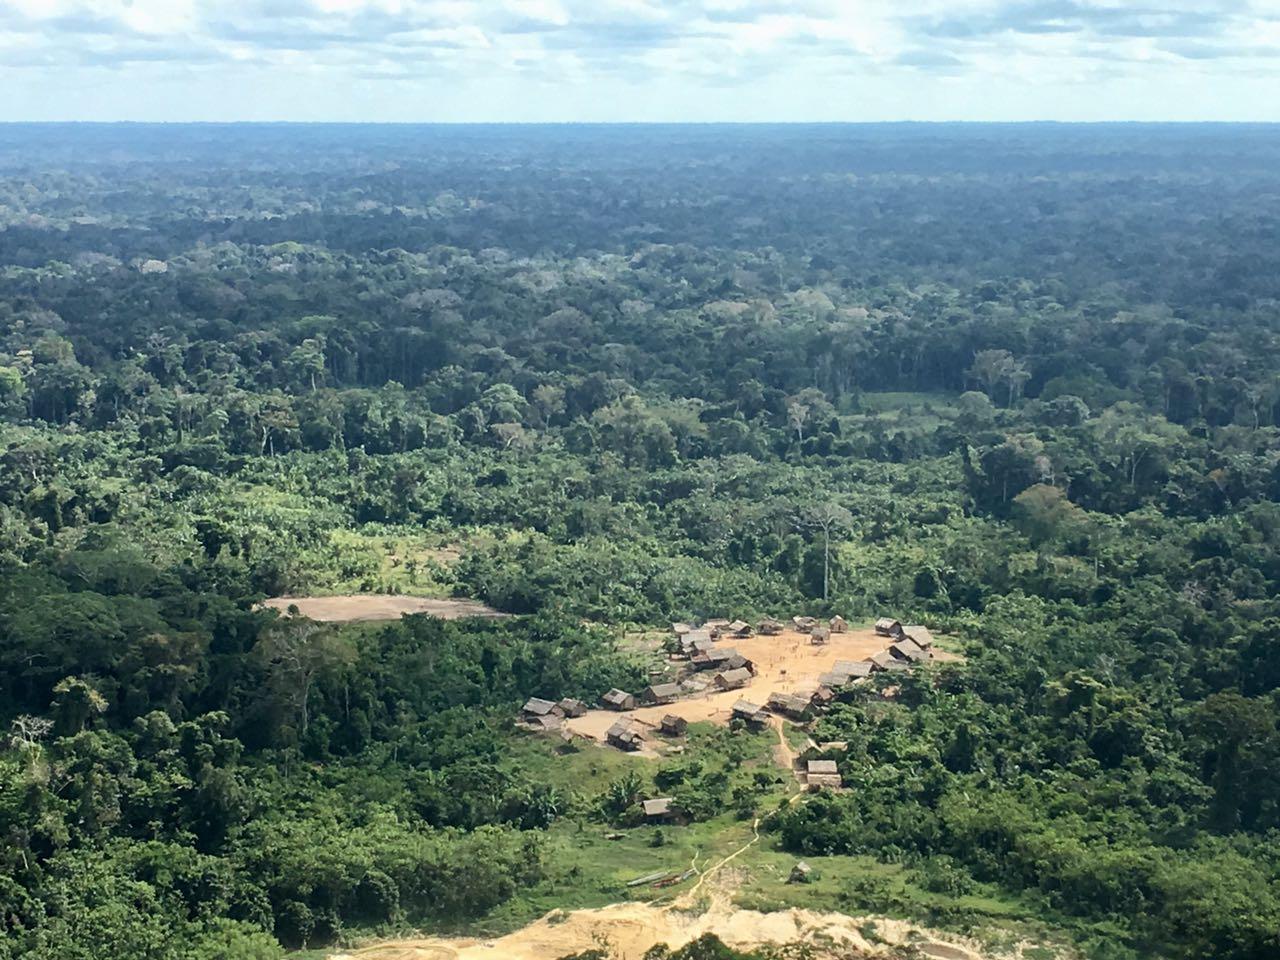 Aldeia da etnia Kanamari fica isolada na Floresta Amazônica/ Ten Dutra